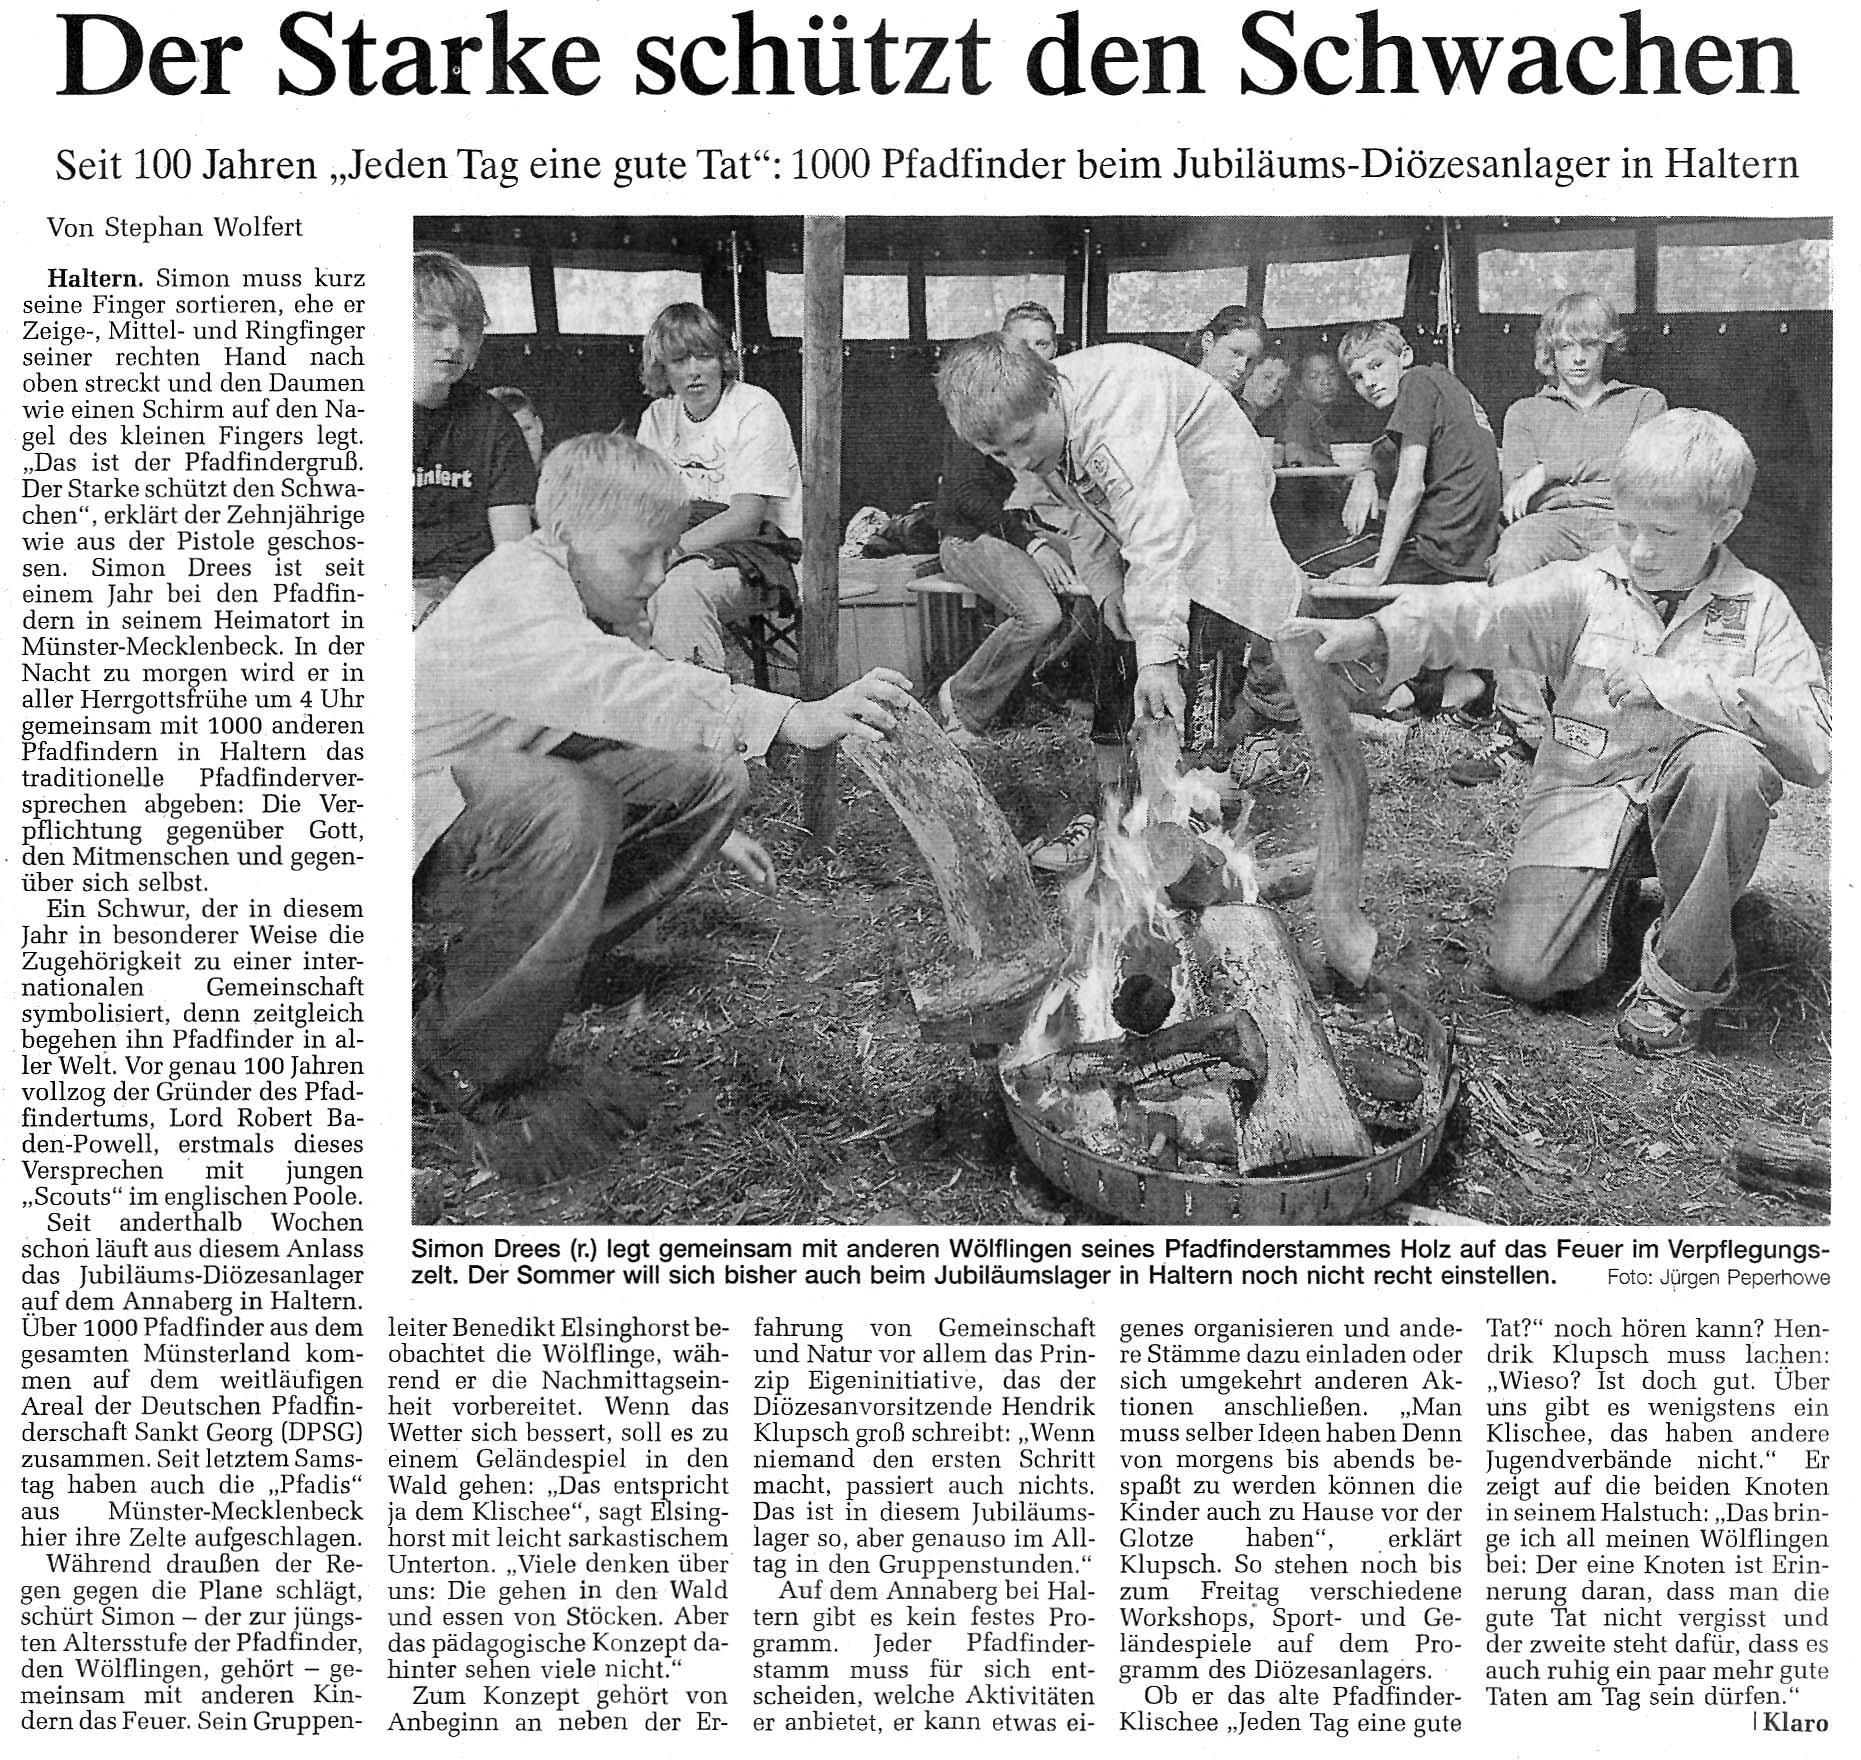 Zeitungsartikel Der Starke schützt den Schwachen, WN 31.7.2007